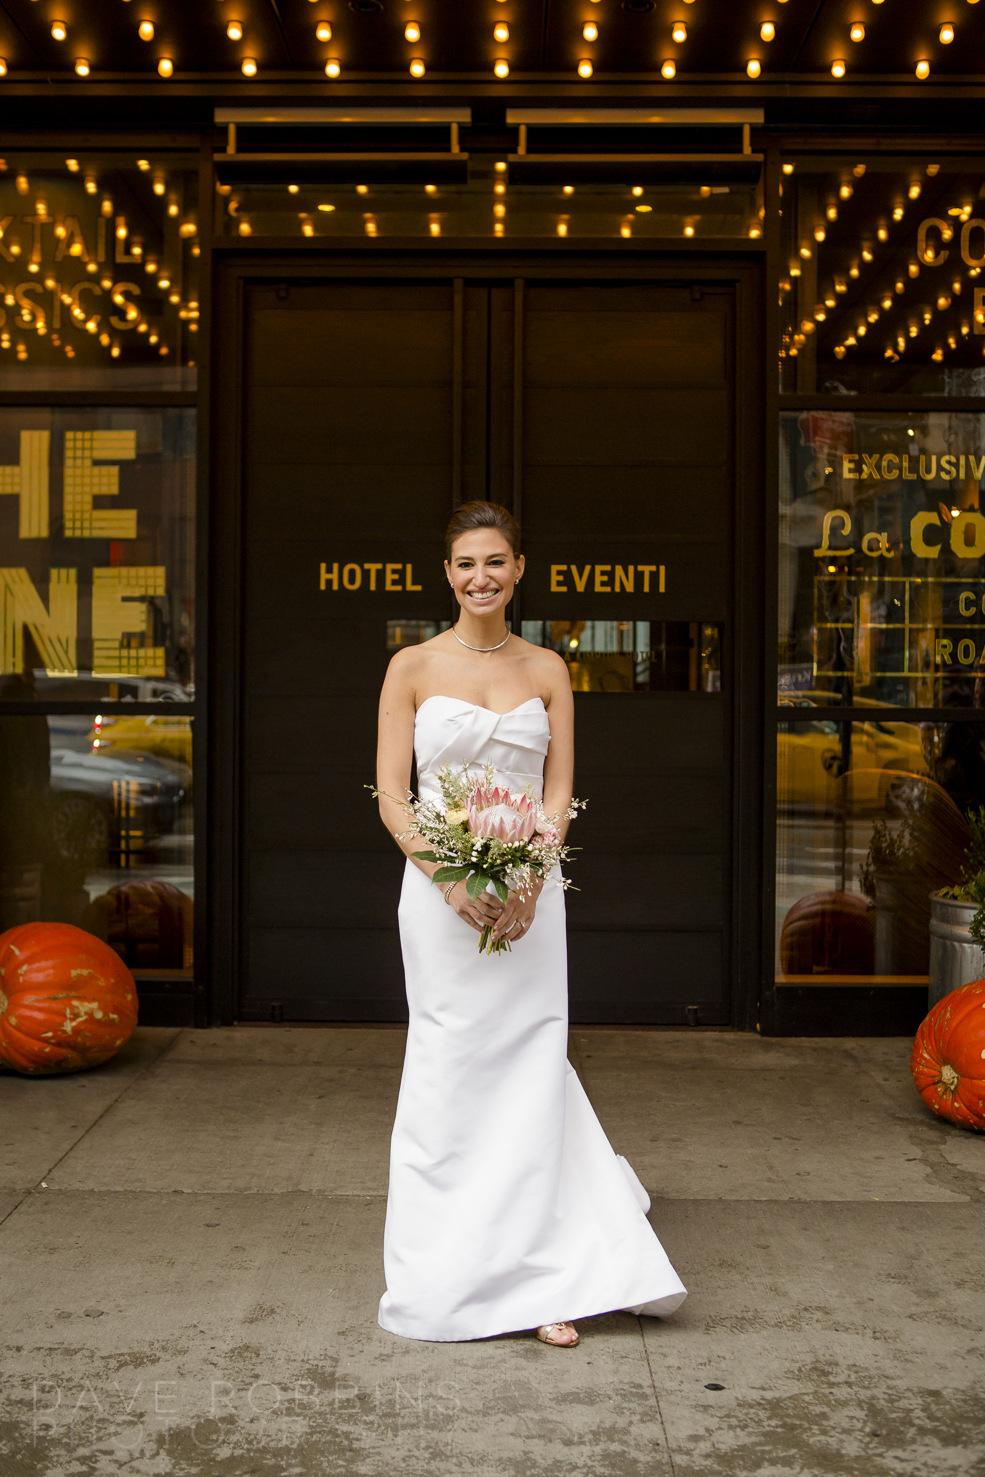 EVENTI HOTEL WEDDING -0032.jpg